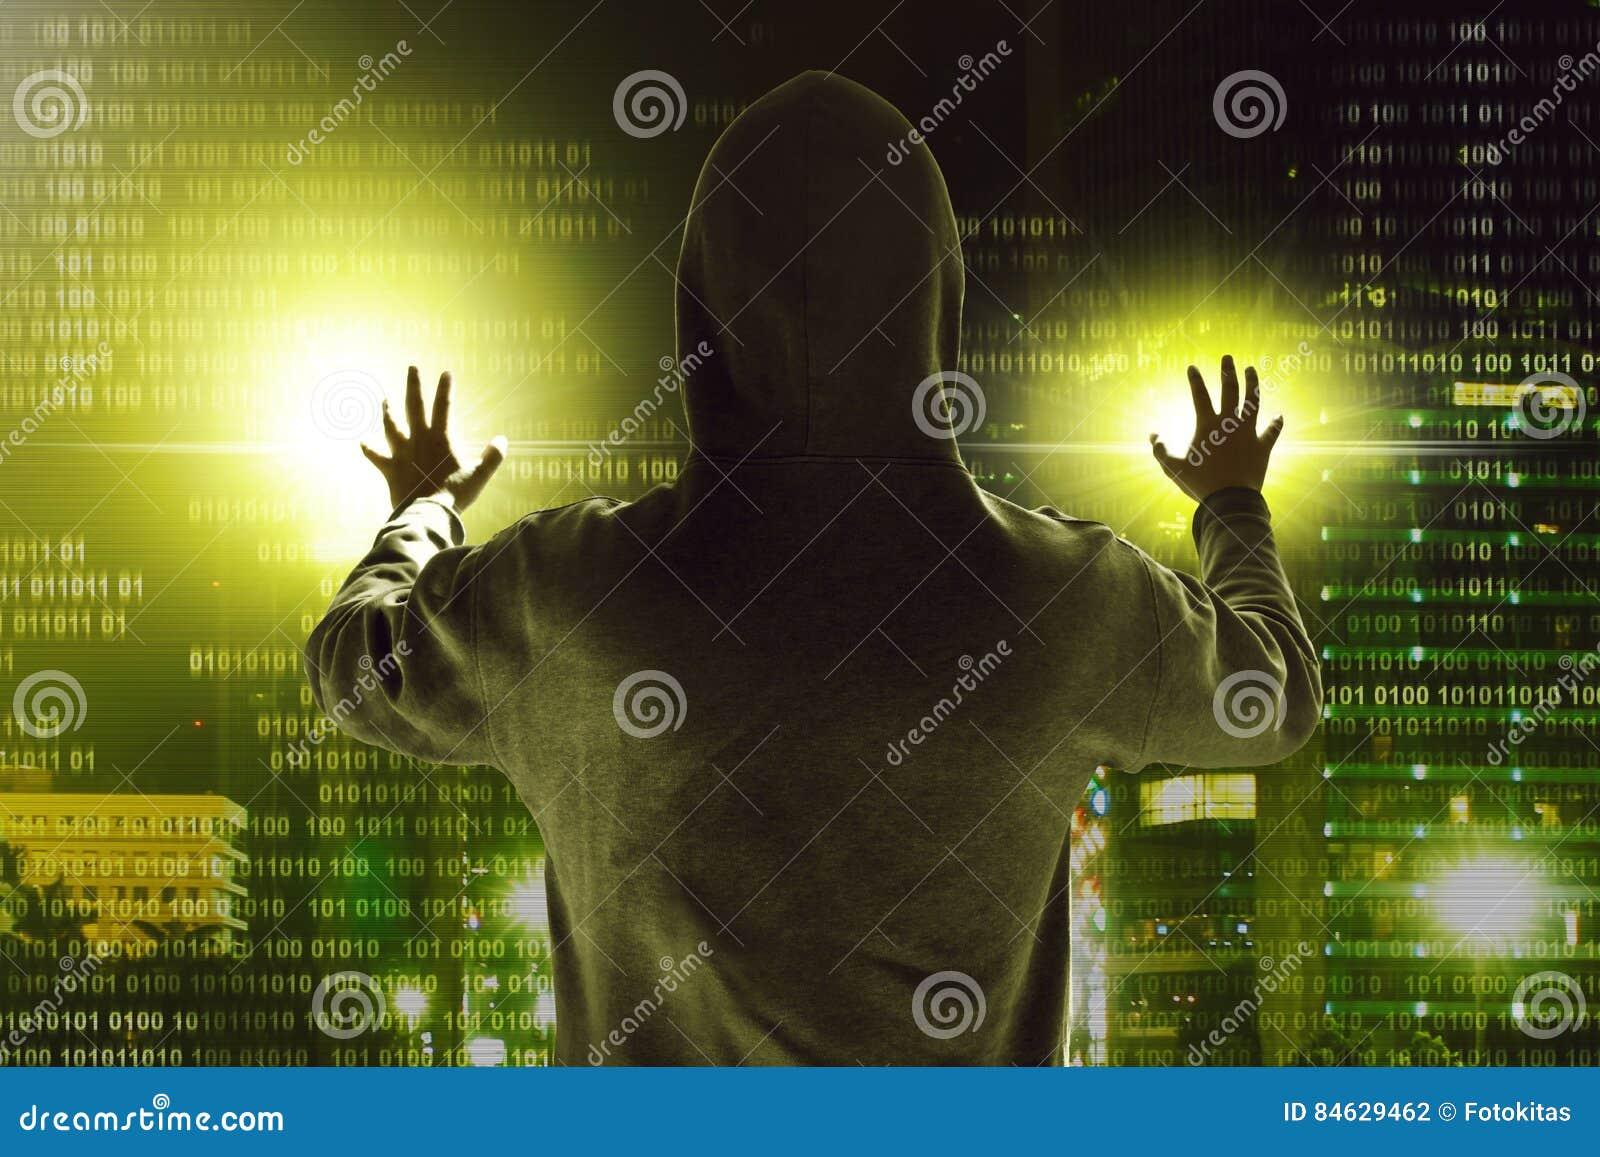 Hacker kraść dane